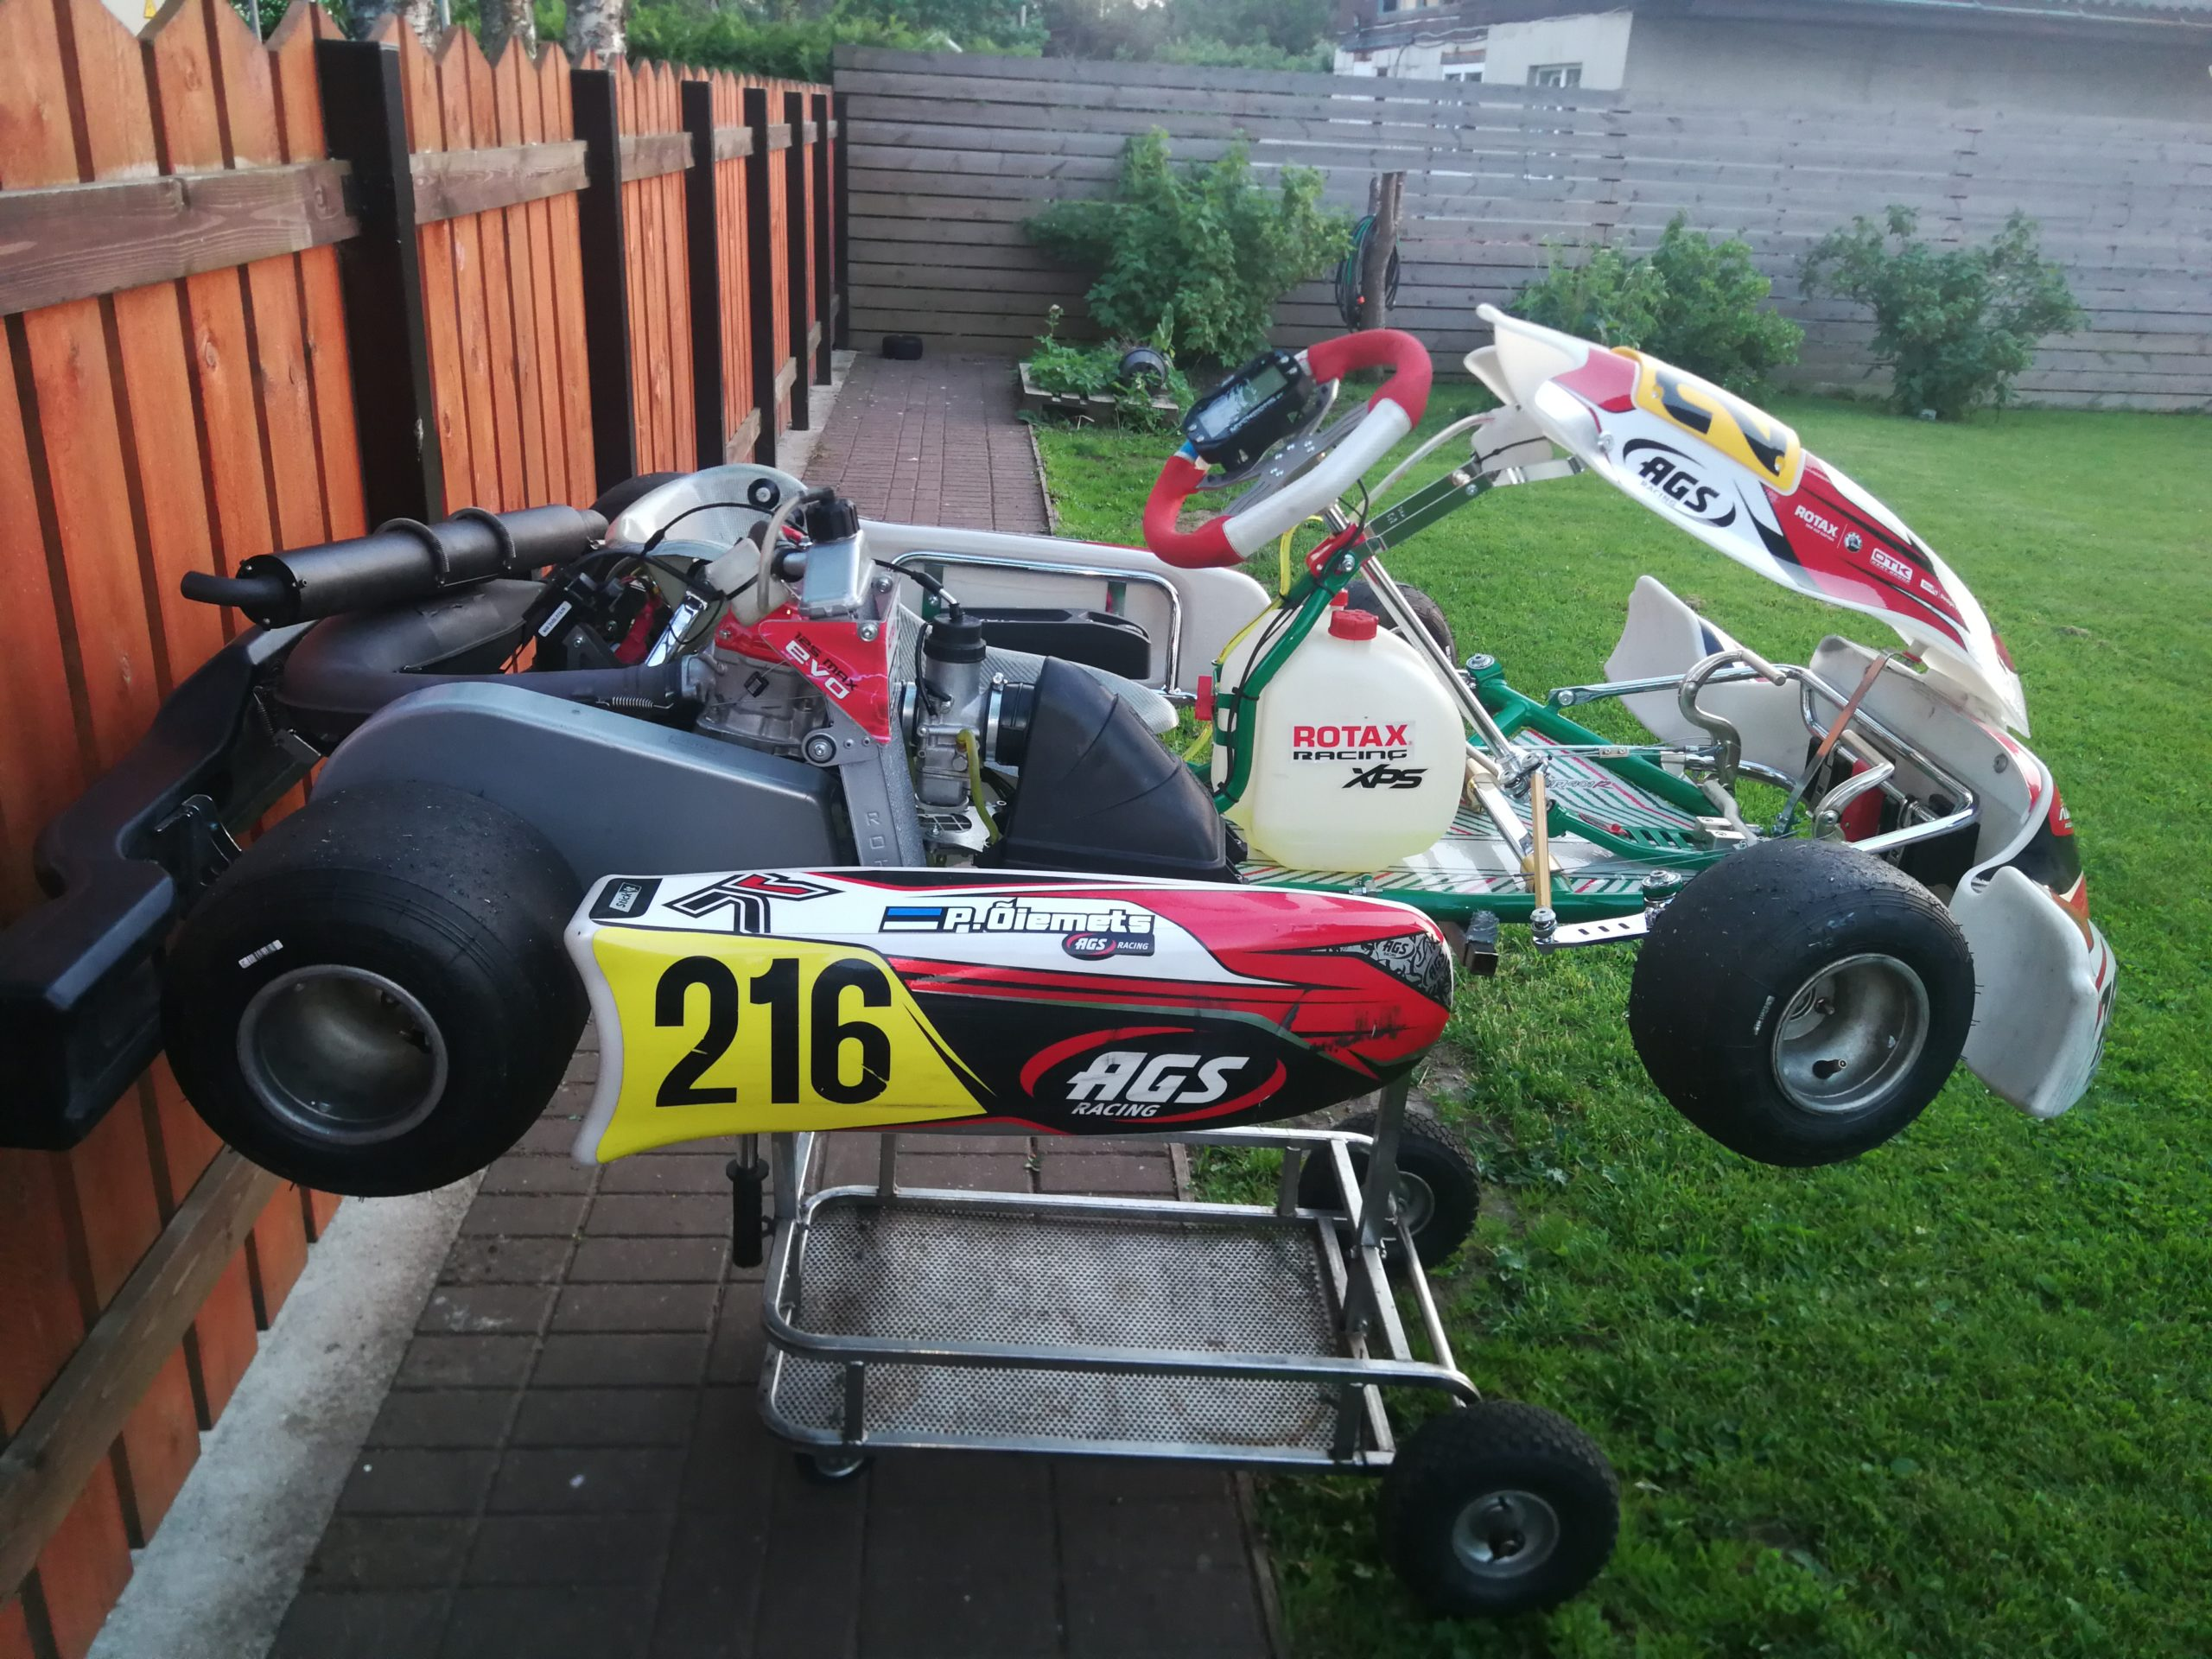 Rotax Junior Evo 3 + Tony Kart Racer 401R